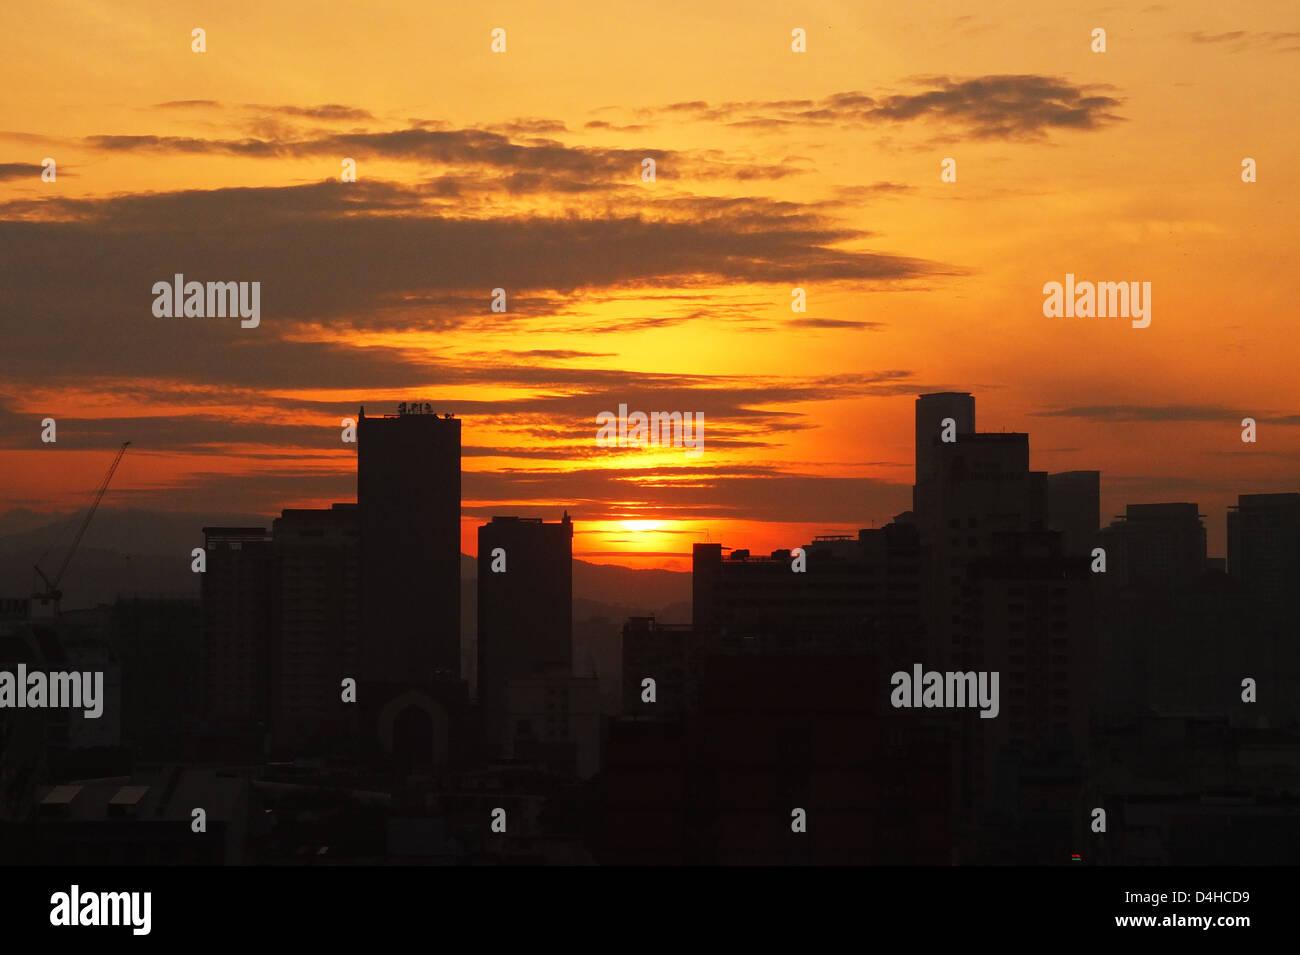 Un sole di mattina è proveniente da dietro l'edificio, grande il colore del cielo,città in attesa Immagini Stock